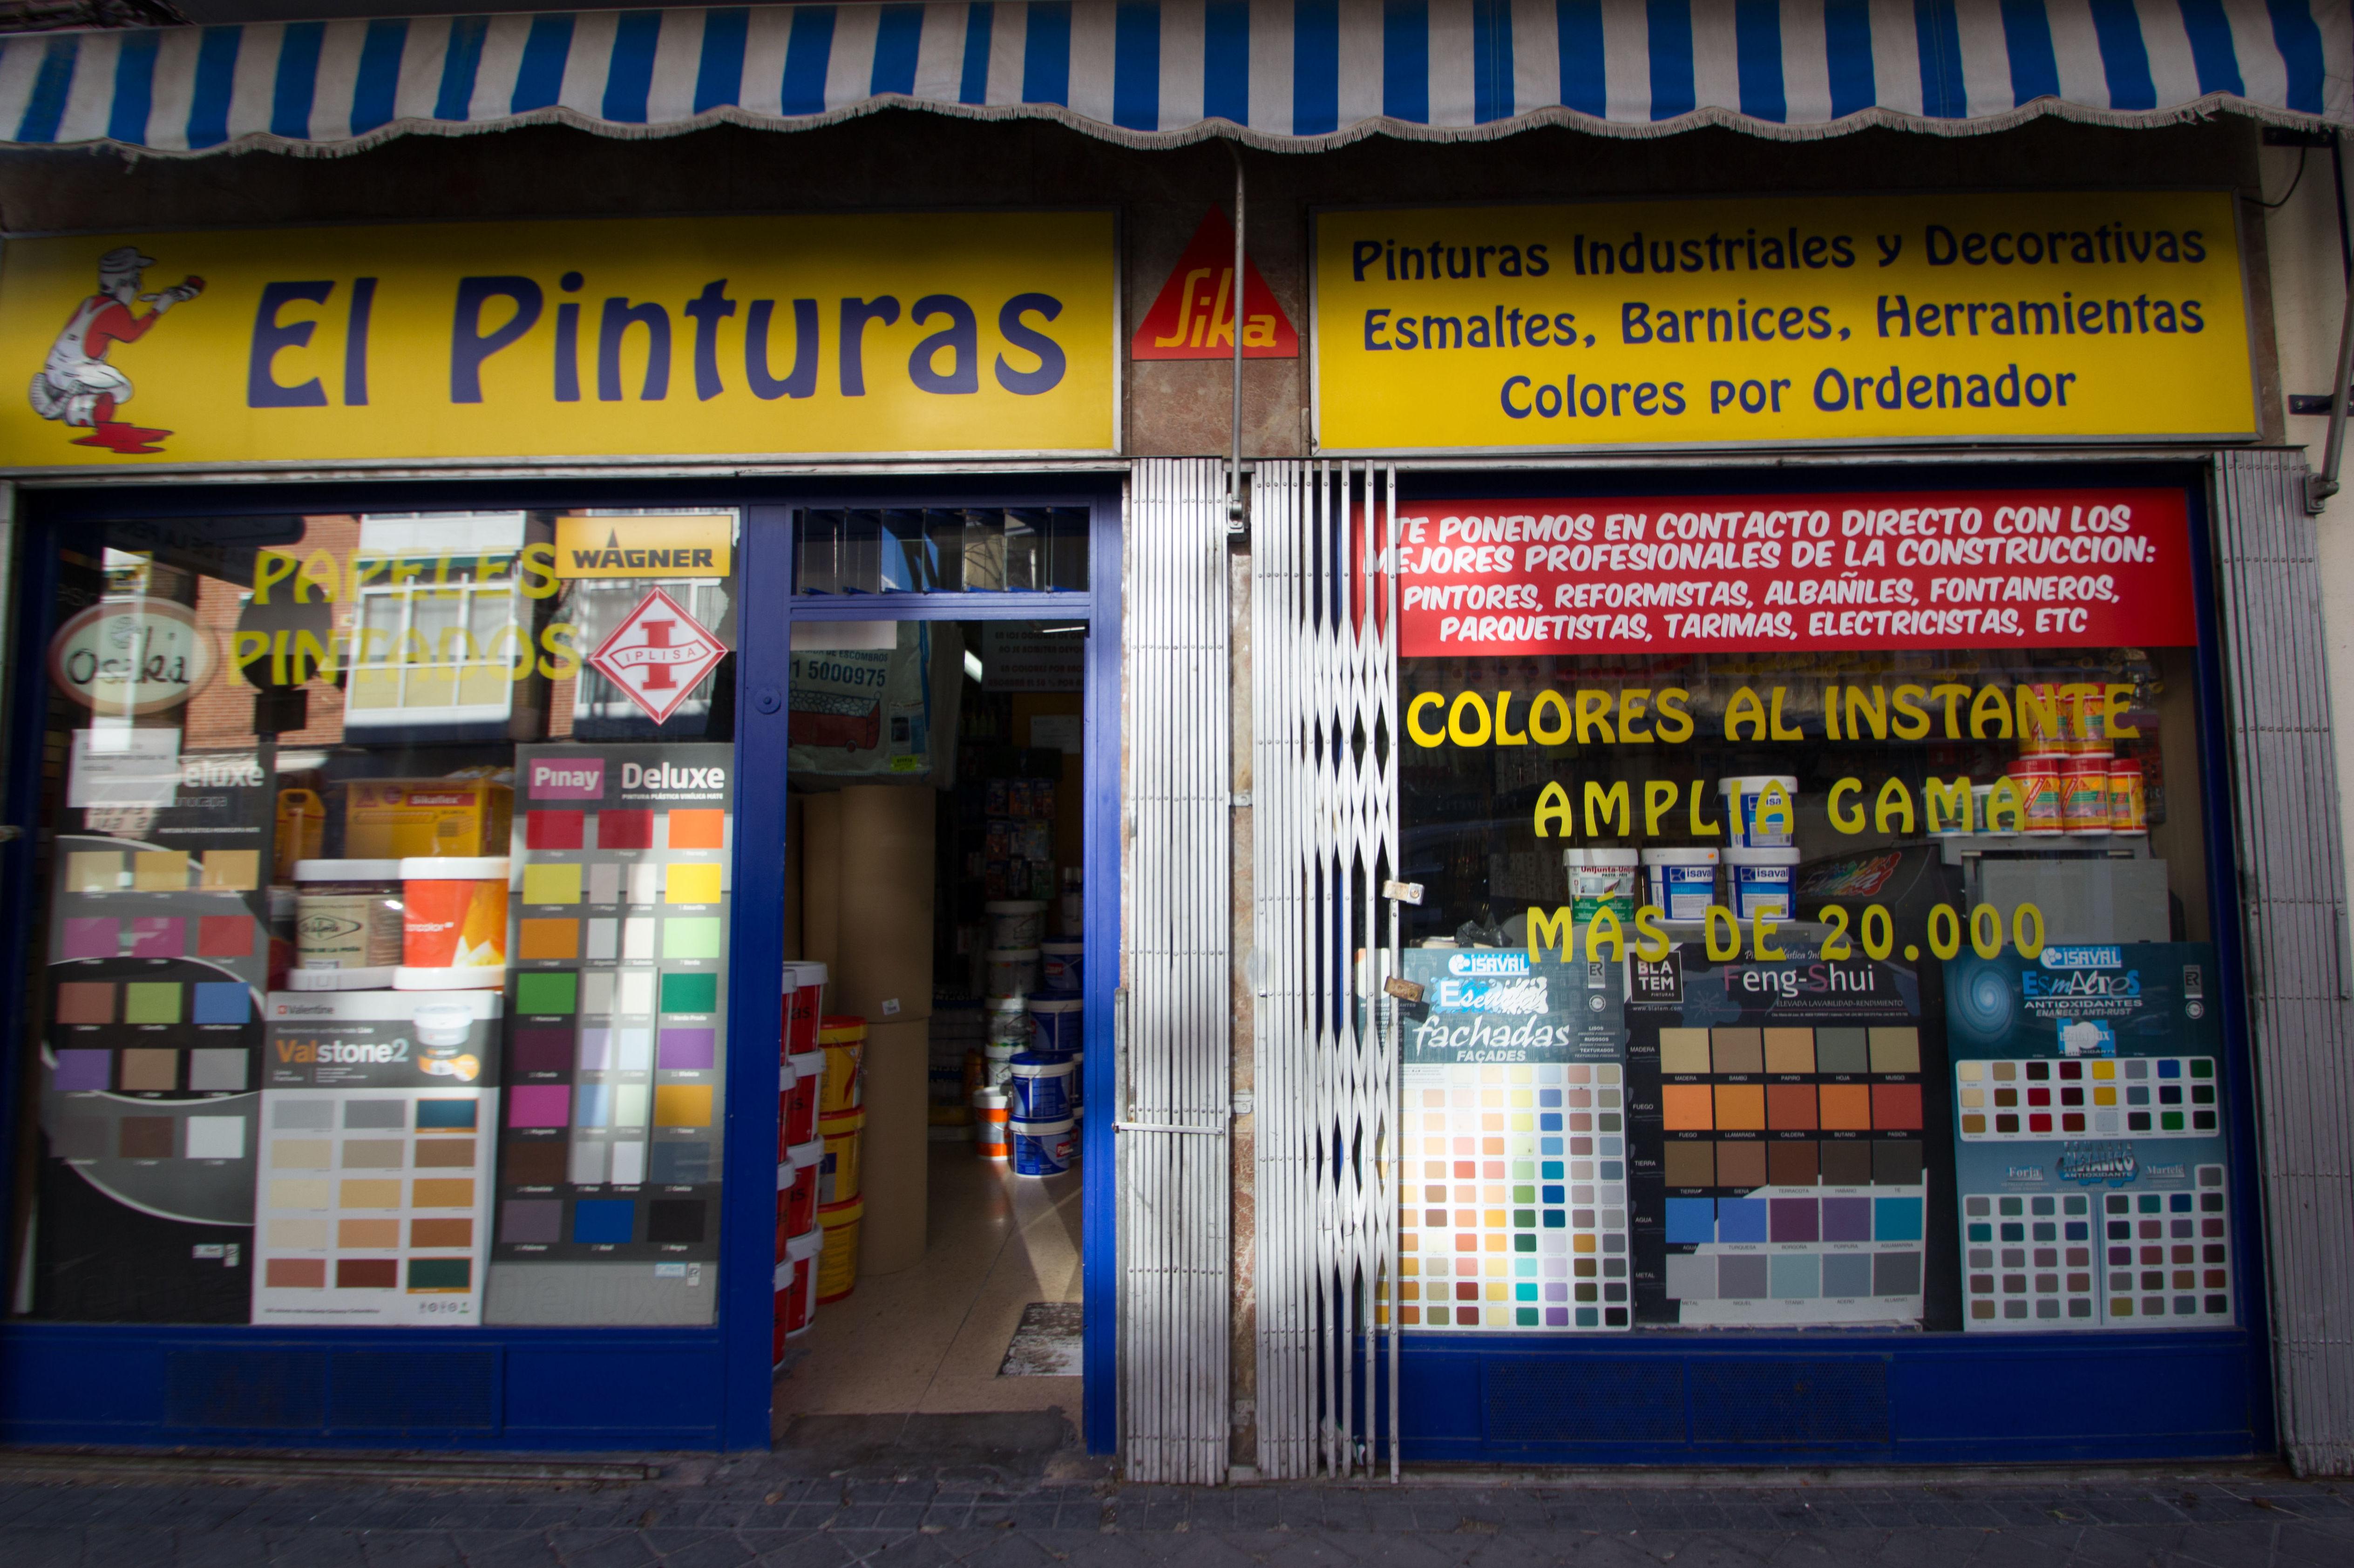 Tienda especializada en todo tipo de pinturas decorativas, barnices y material para pintar.